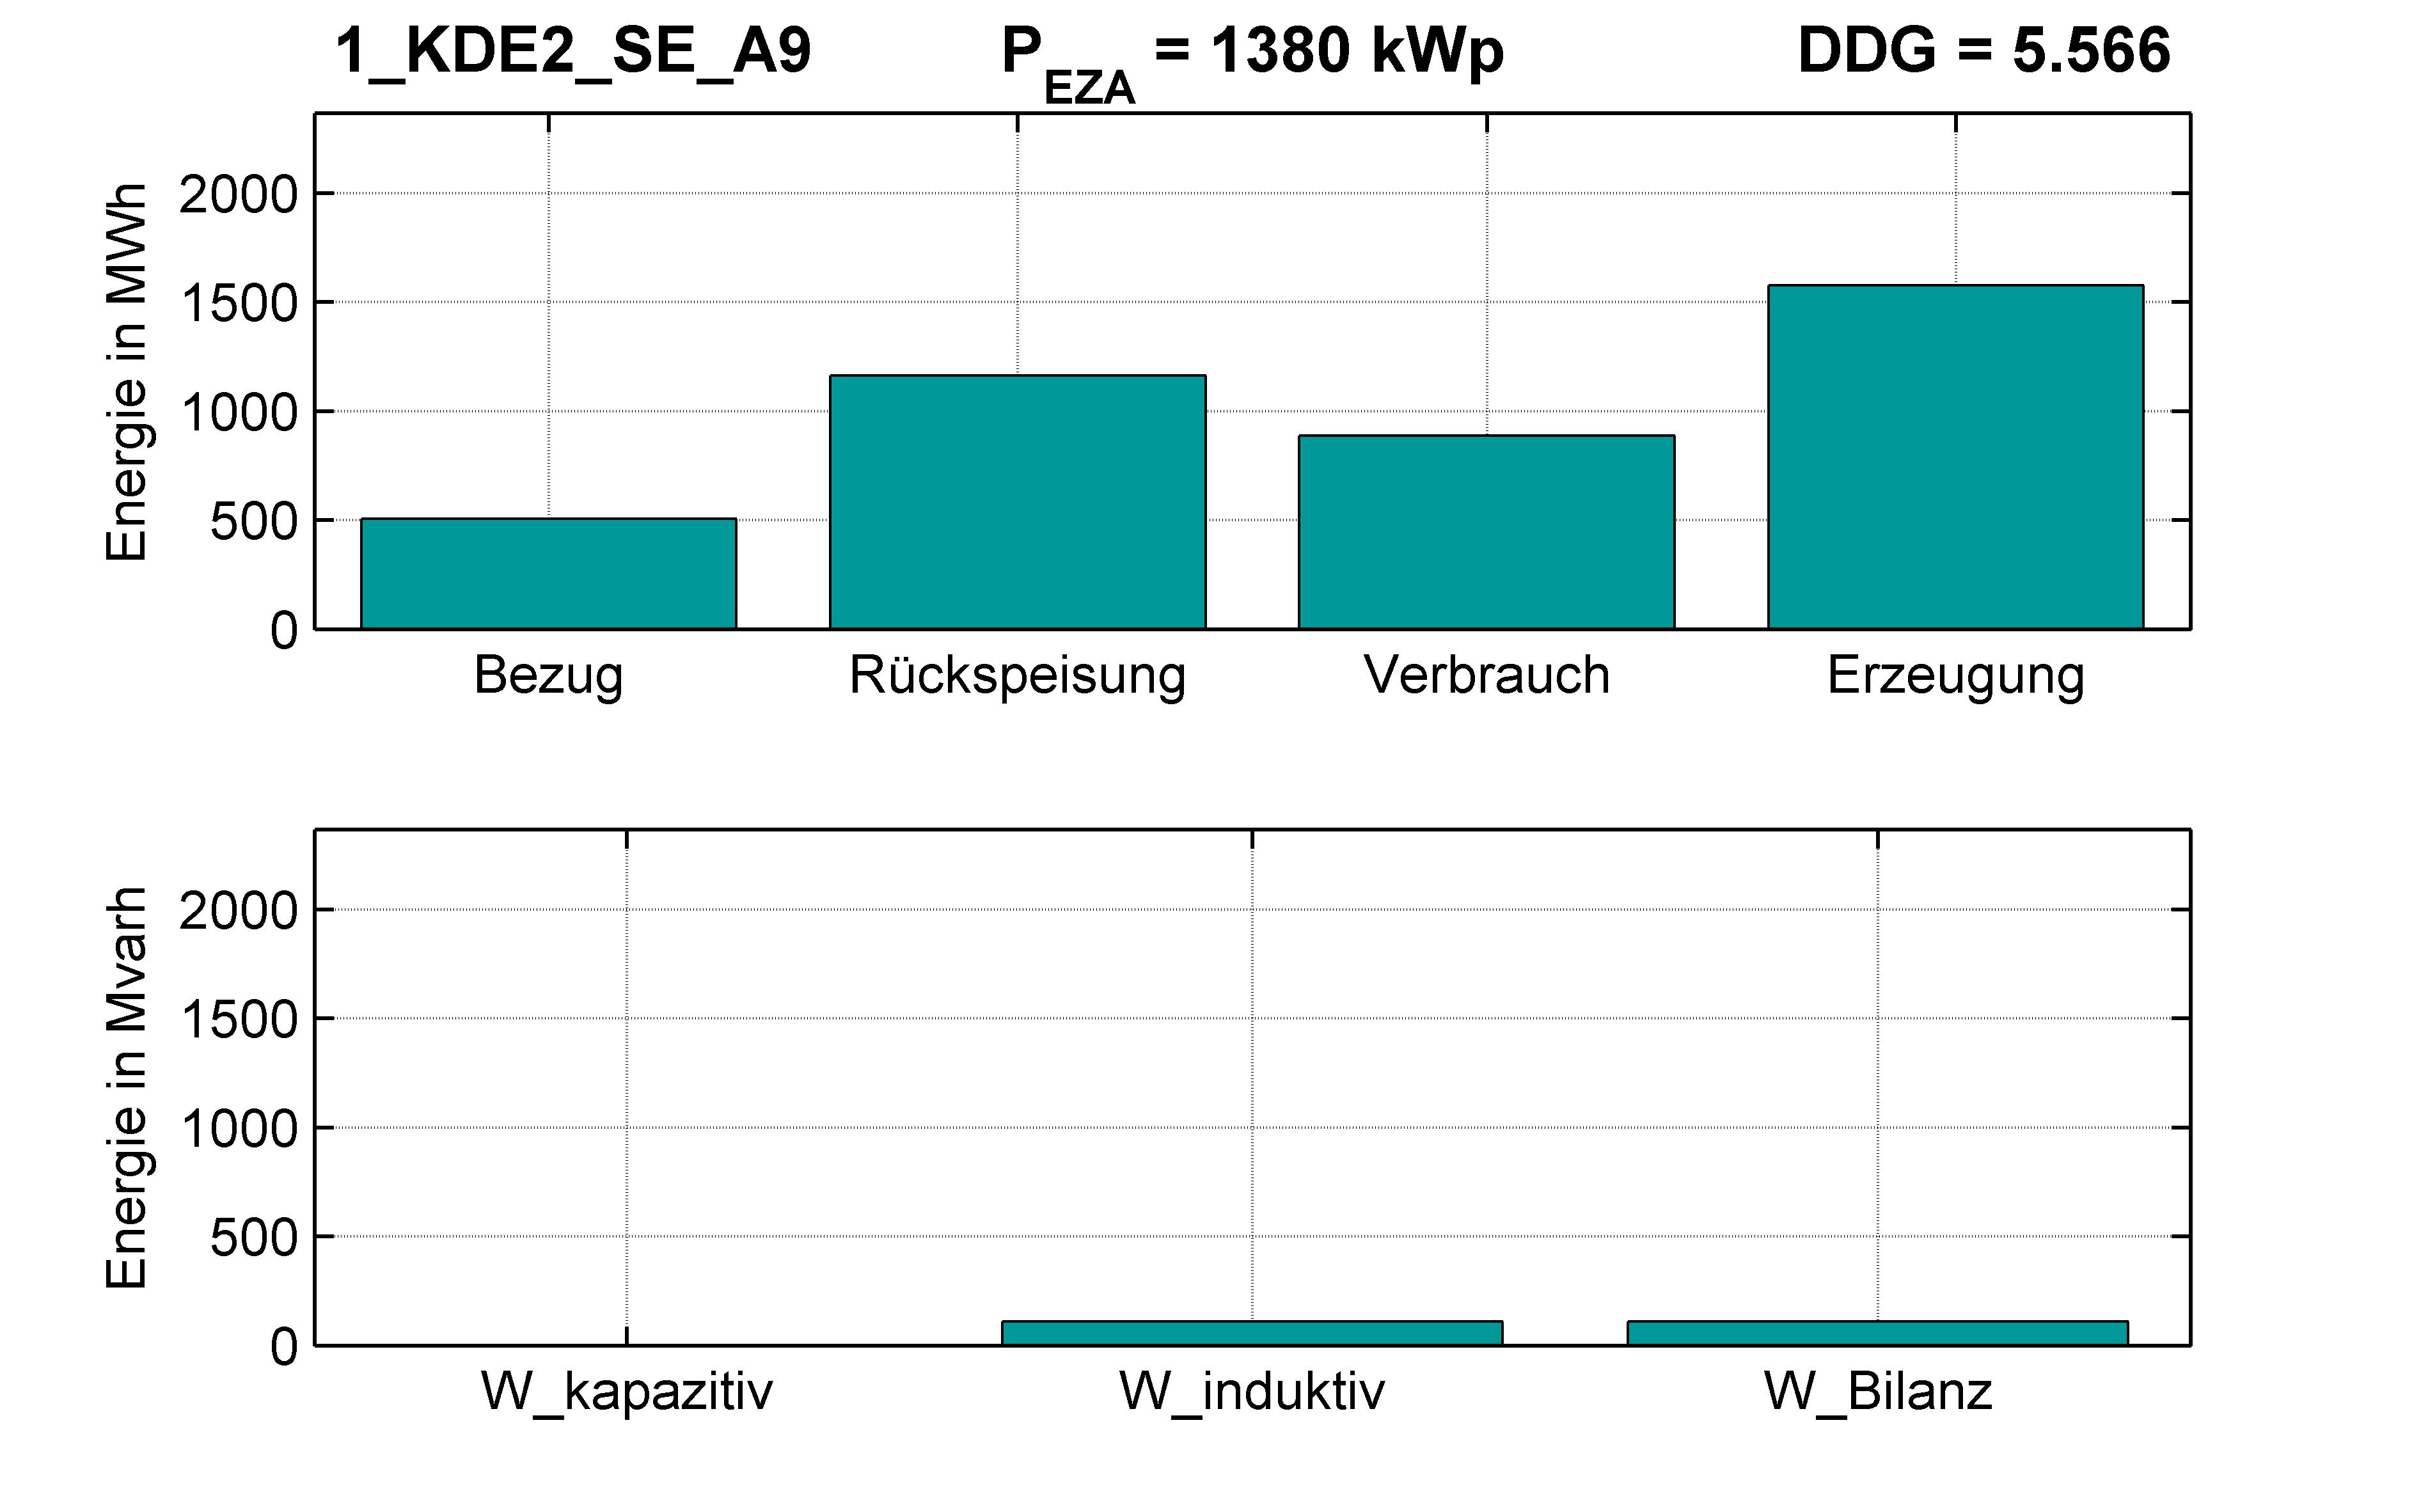 KDE2 | KABEL (SE) A9 | PQ-Bilanz